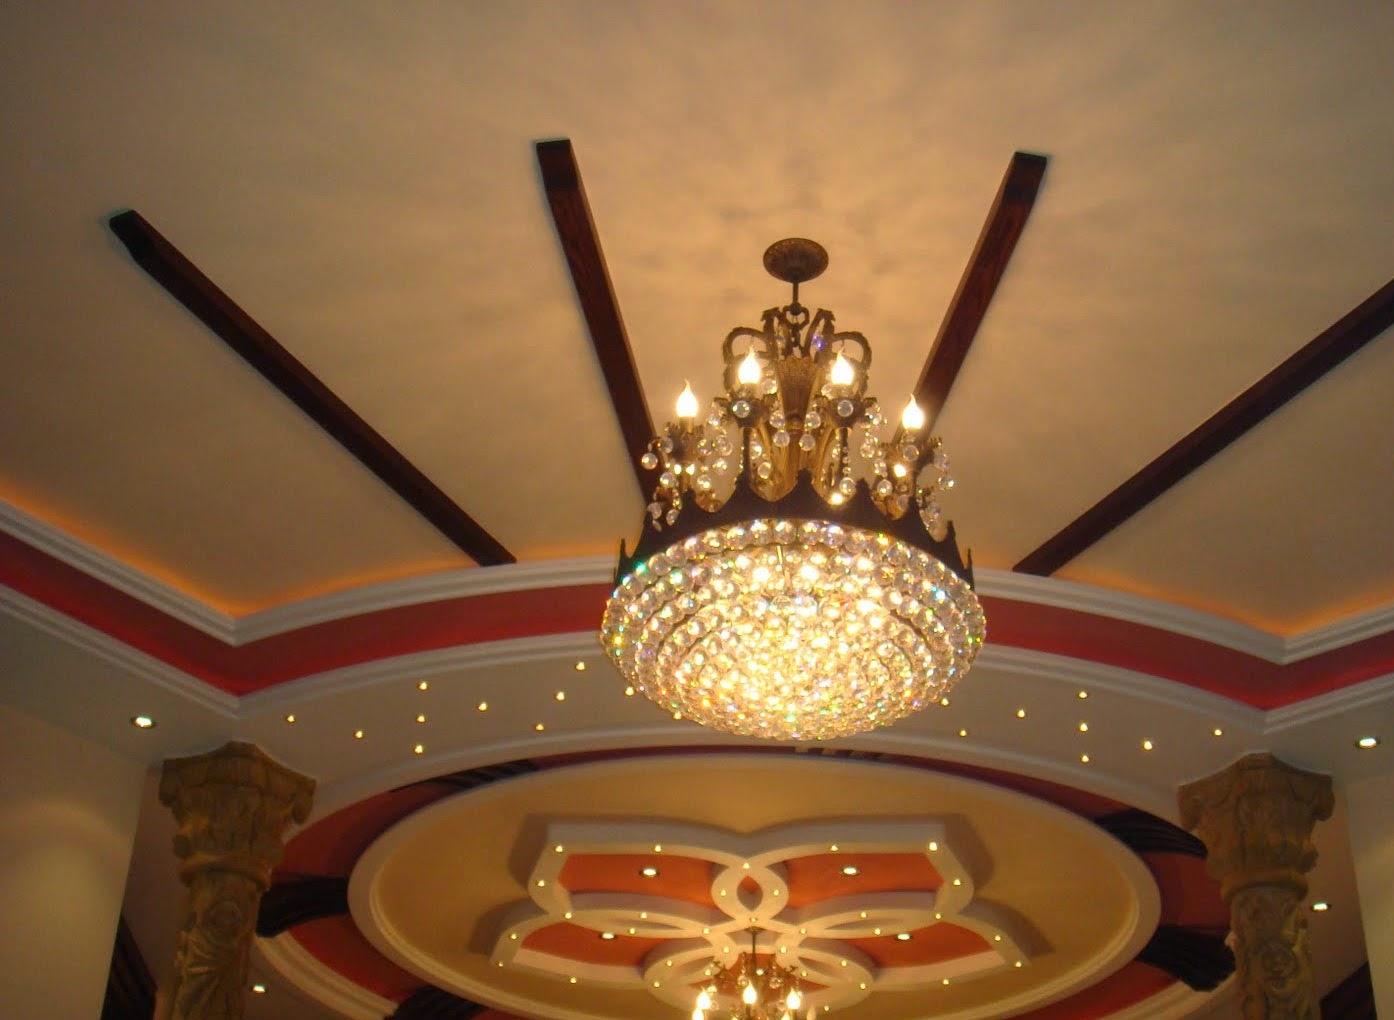 Salon marocaine moderne d coration de faux plafonds pl tre marocain - Decoration maison marocaine platre ...